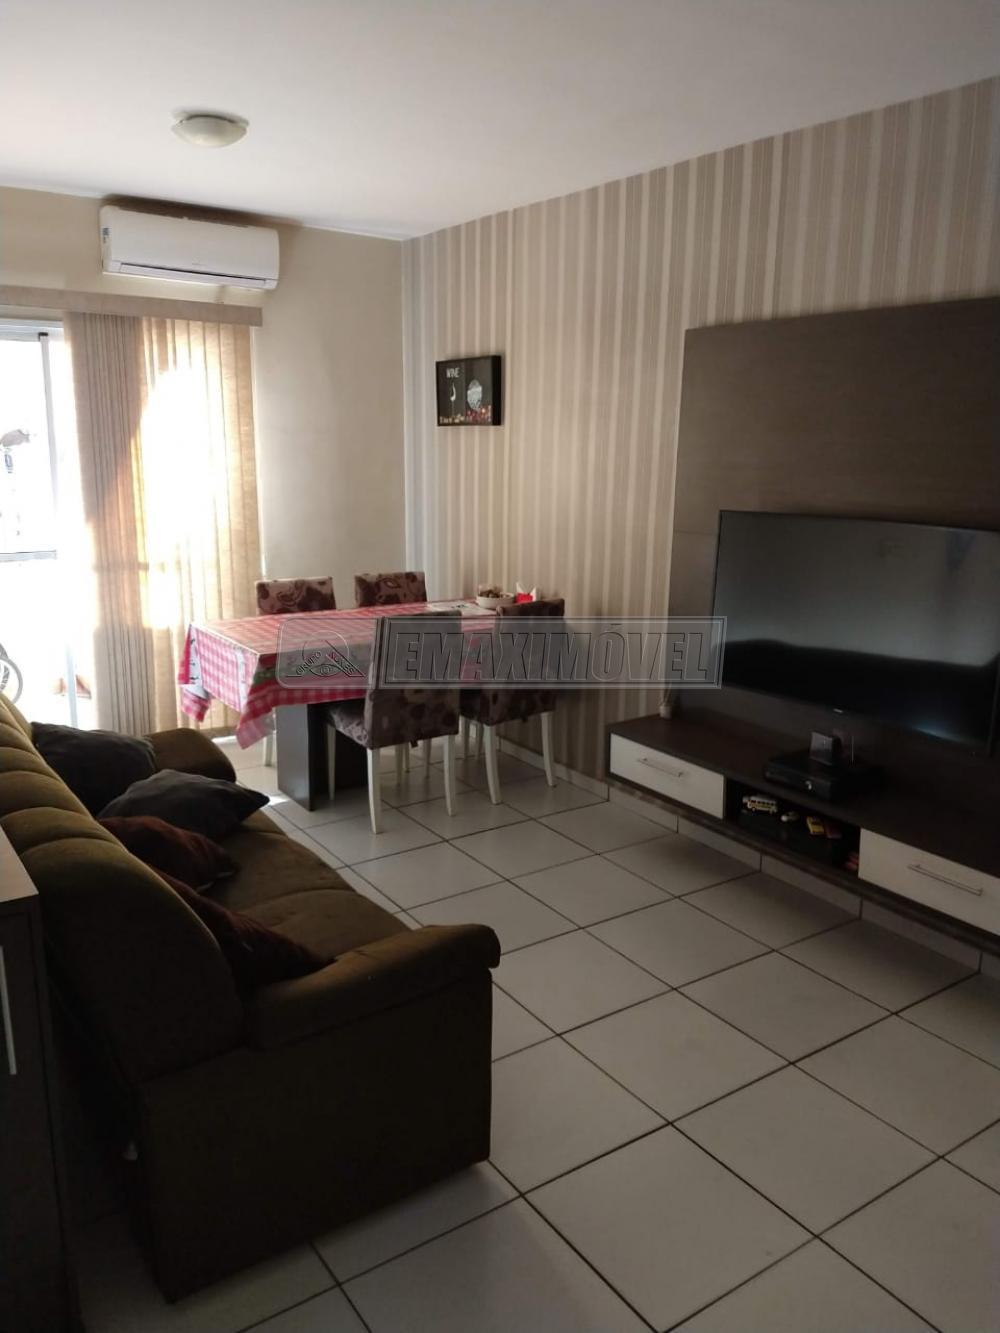 Comprar Casas / em Condomínios em Sorocaba apenas R$ 240.000,00 - Foto 2